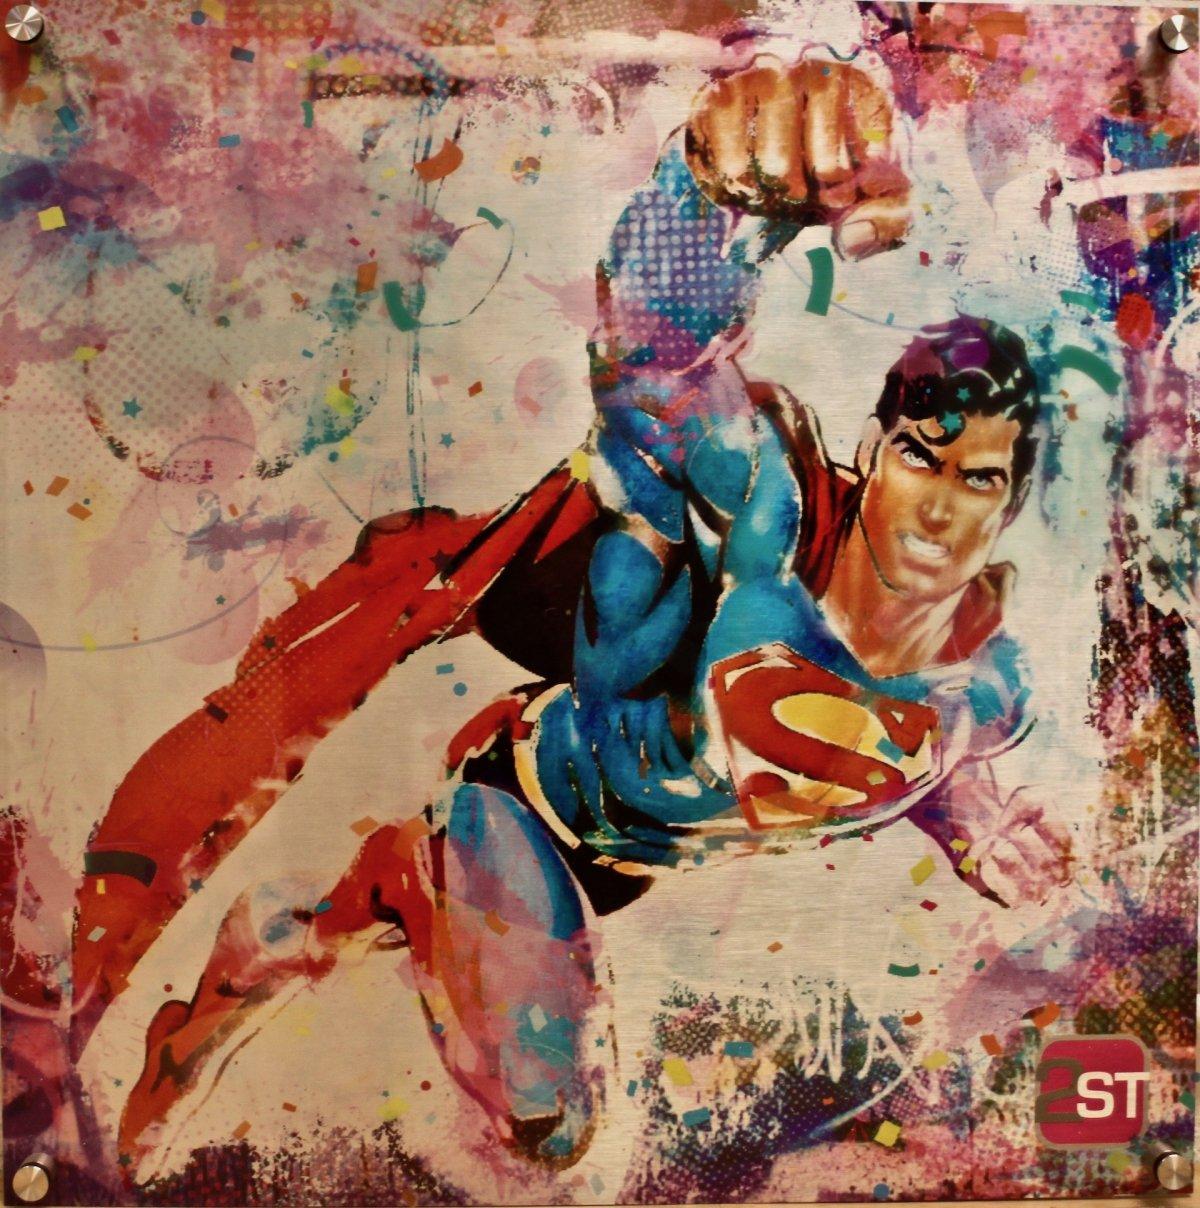 supermansilver-pappestellbrink-popart-popstreetshop